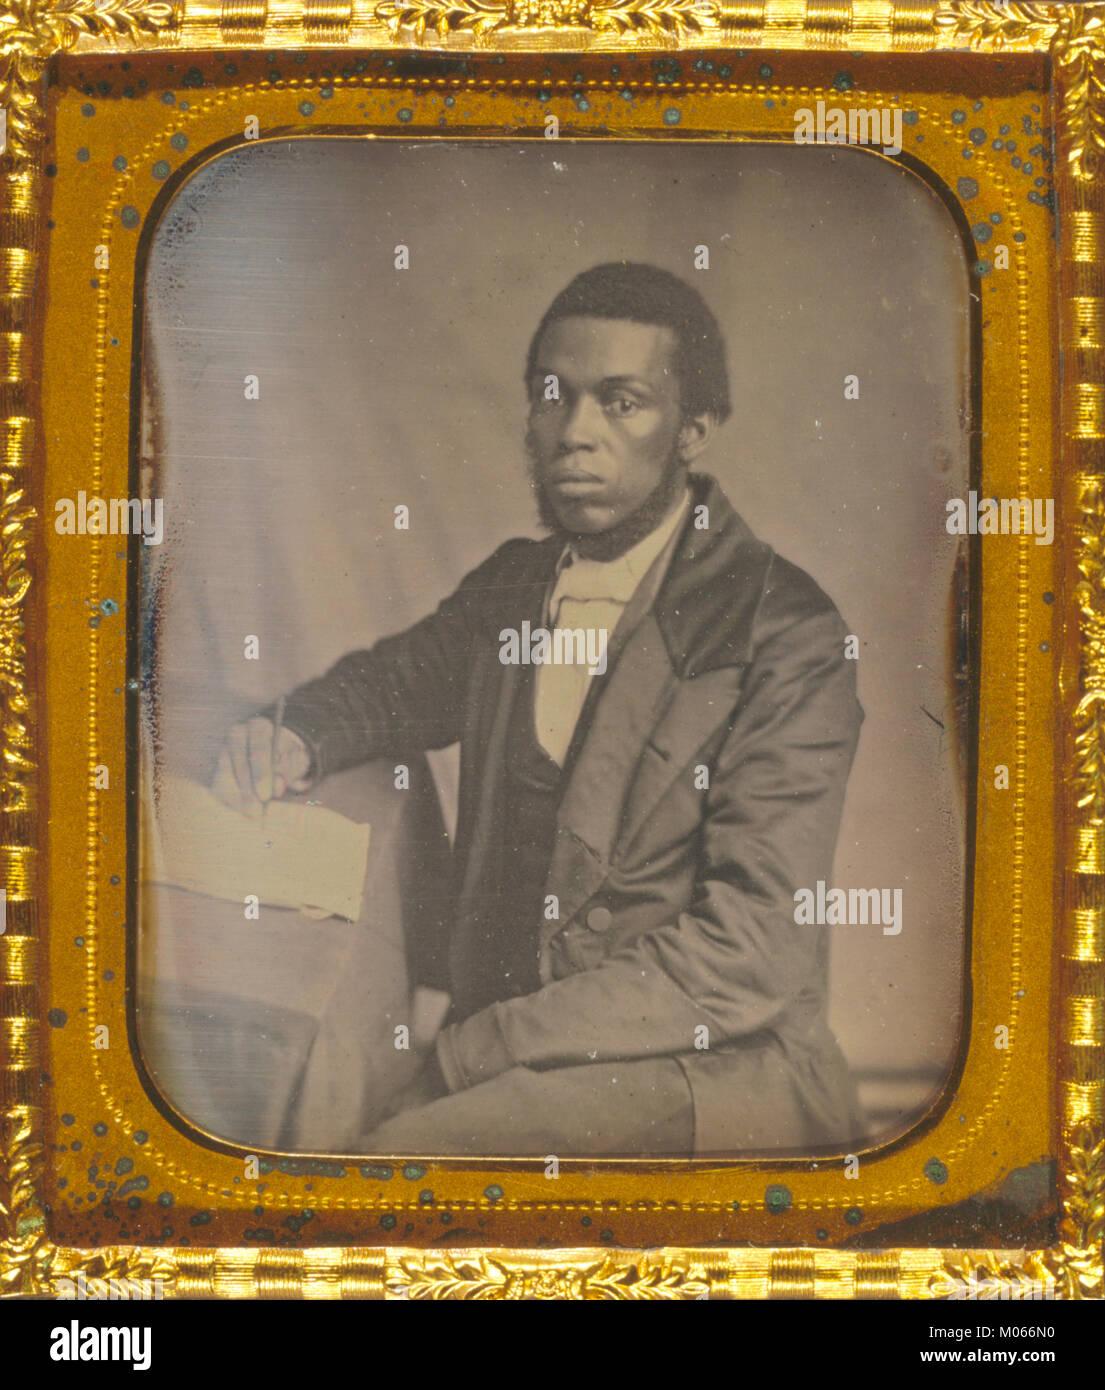 James Skivring Smith, de tres cuartos de longitud vertical, las tres cuartas partes ver, sentado en el escritorio Imagen De Stock